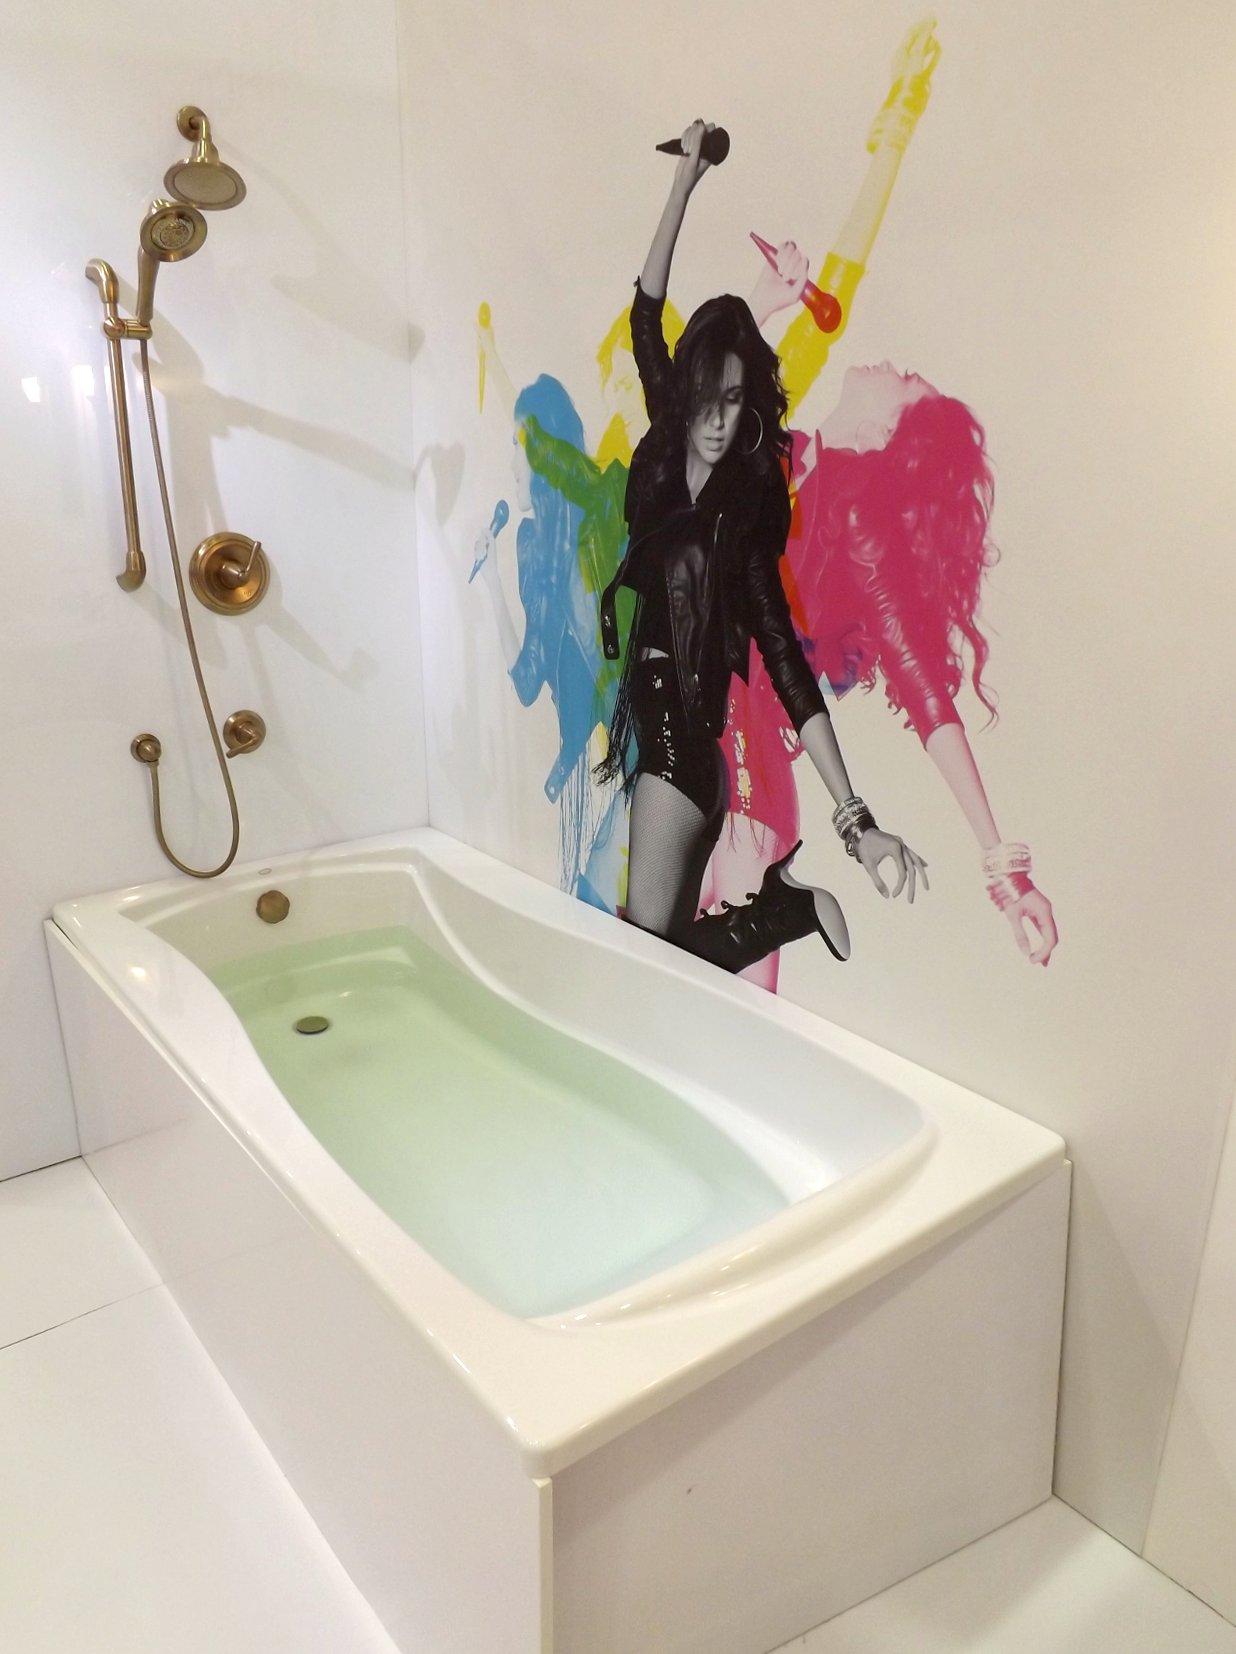 Модные тренды сантехники и аксессуаров для ванной 2016: ванна со встроенной акустической системой на экспозиции от Jacob Delafon и Kohler во время выставки MosBuild